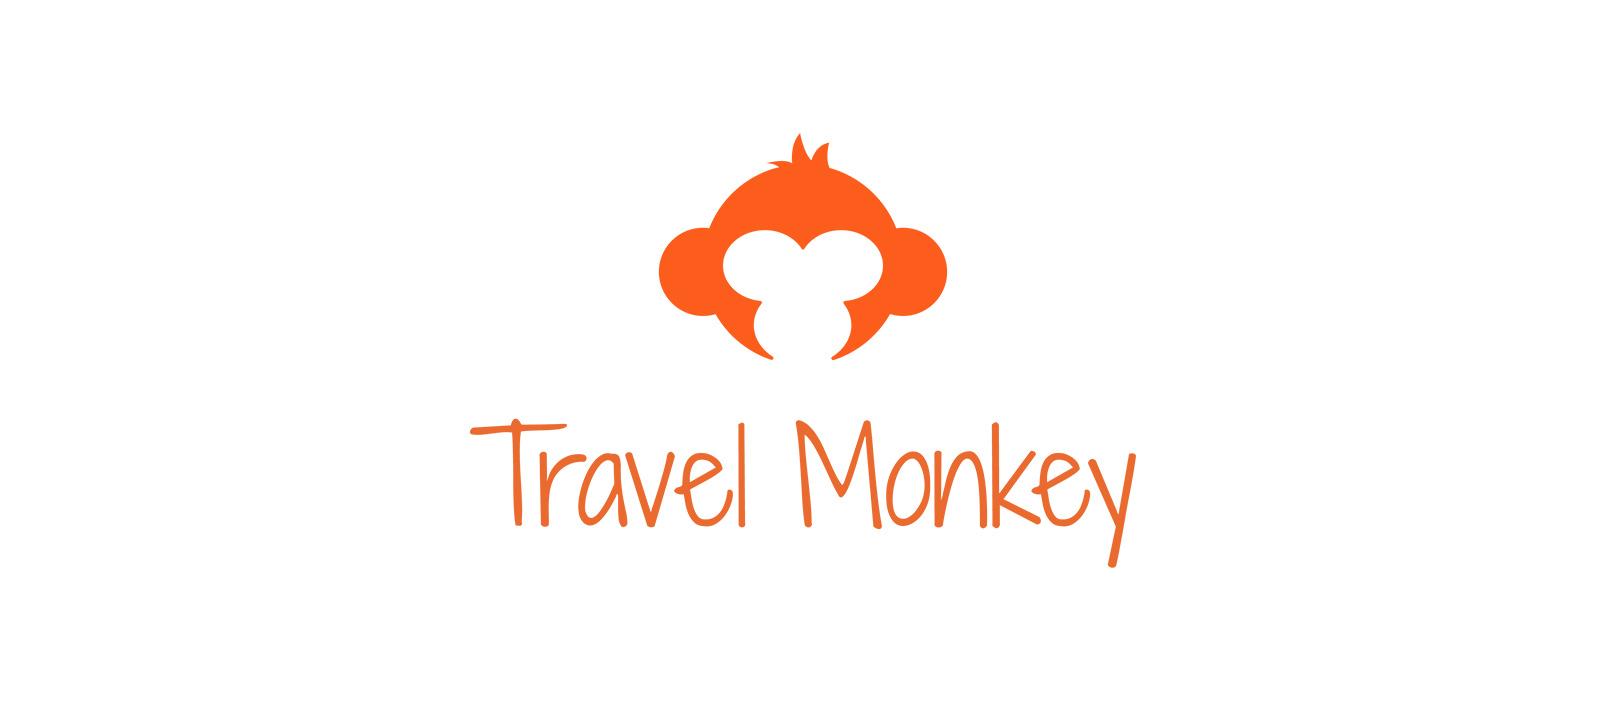 Travel Monkey